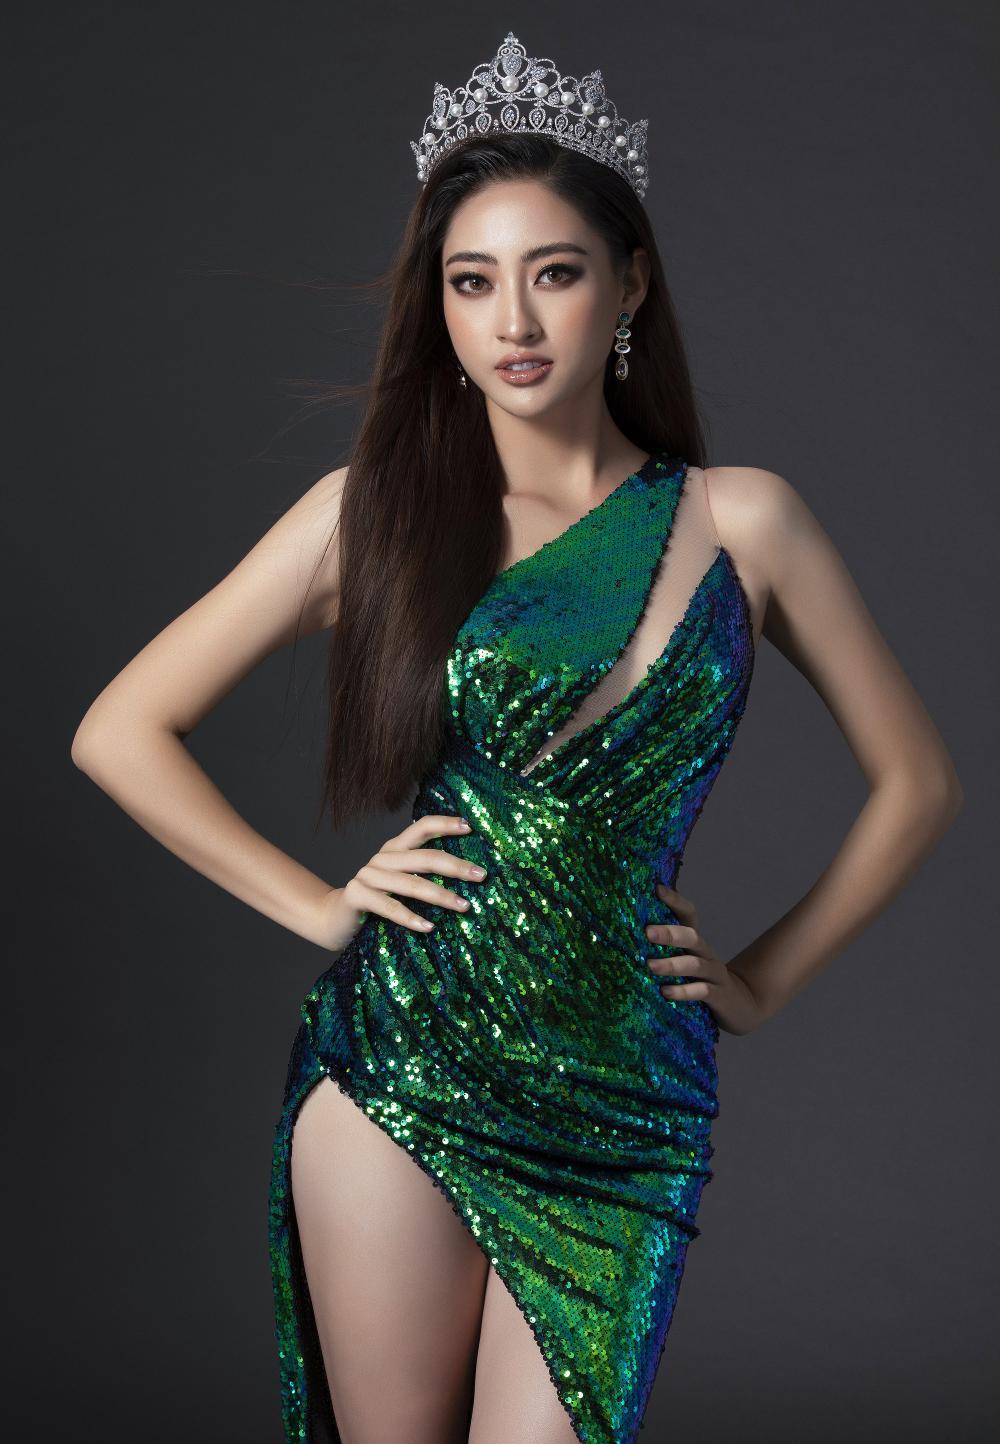 Người mẫu 9X thi hoa hậu thập kỉ 2010 - 2020: Tự hào H'Hen Niê - Hoàng Thùy in-top, kỳ vọng ở Khánh Vân Ảnh 21